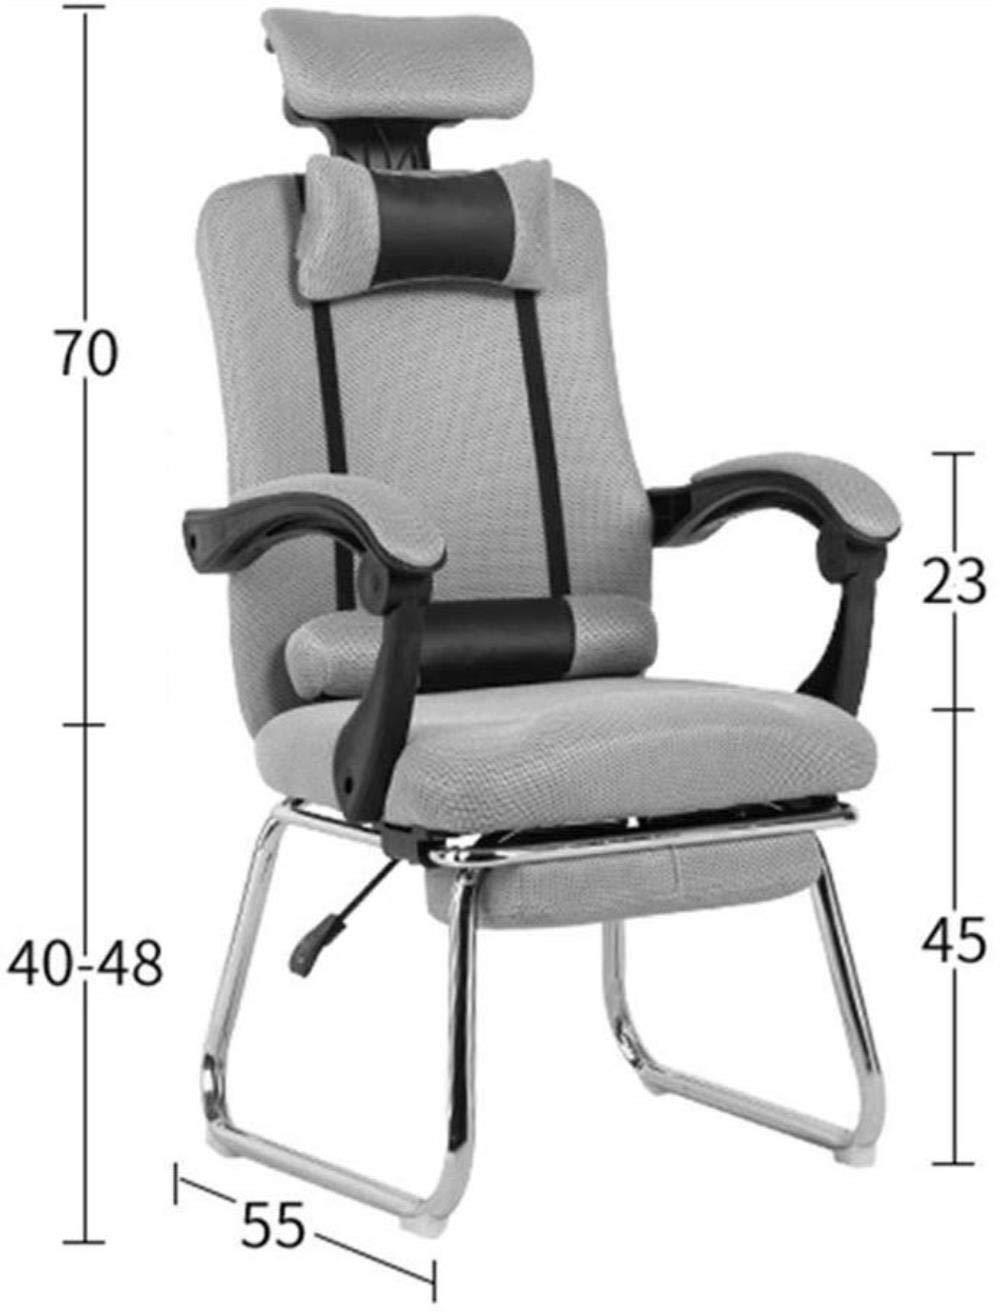 Barstolar Xiuyun ribbad kontorskontorskontorskontorsstol mellanrygg PU-läder verkställande konferensuppgift stol justerbar (färg: B) a